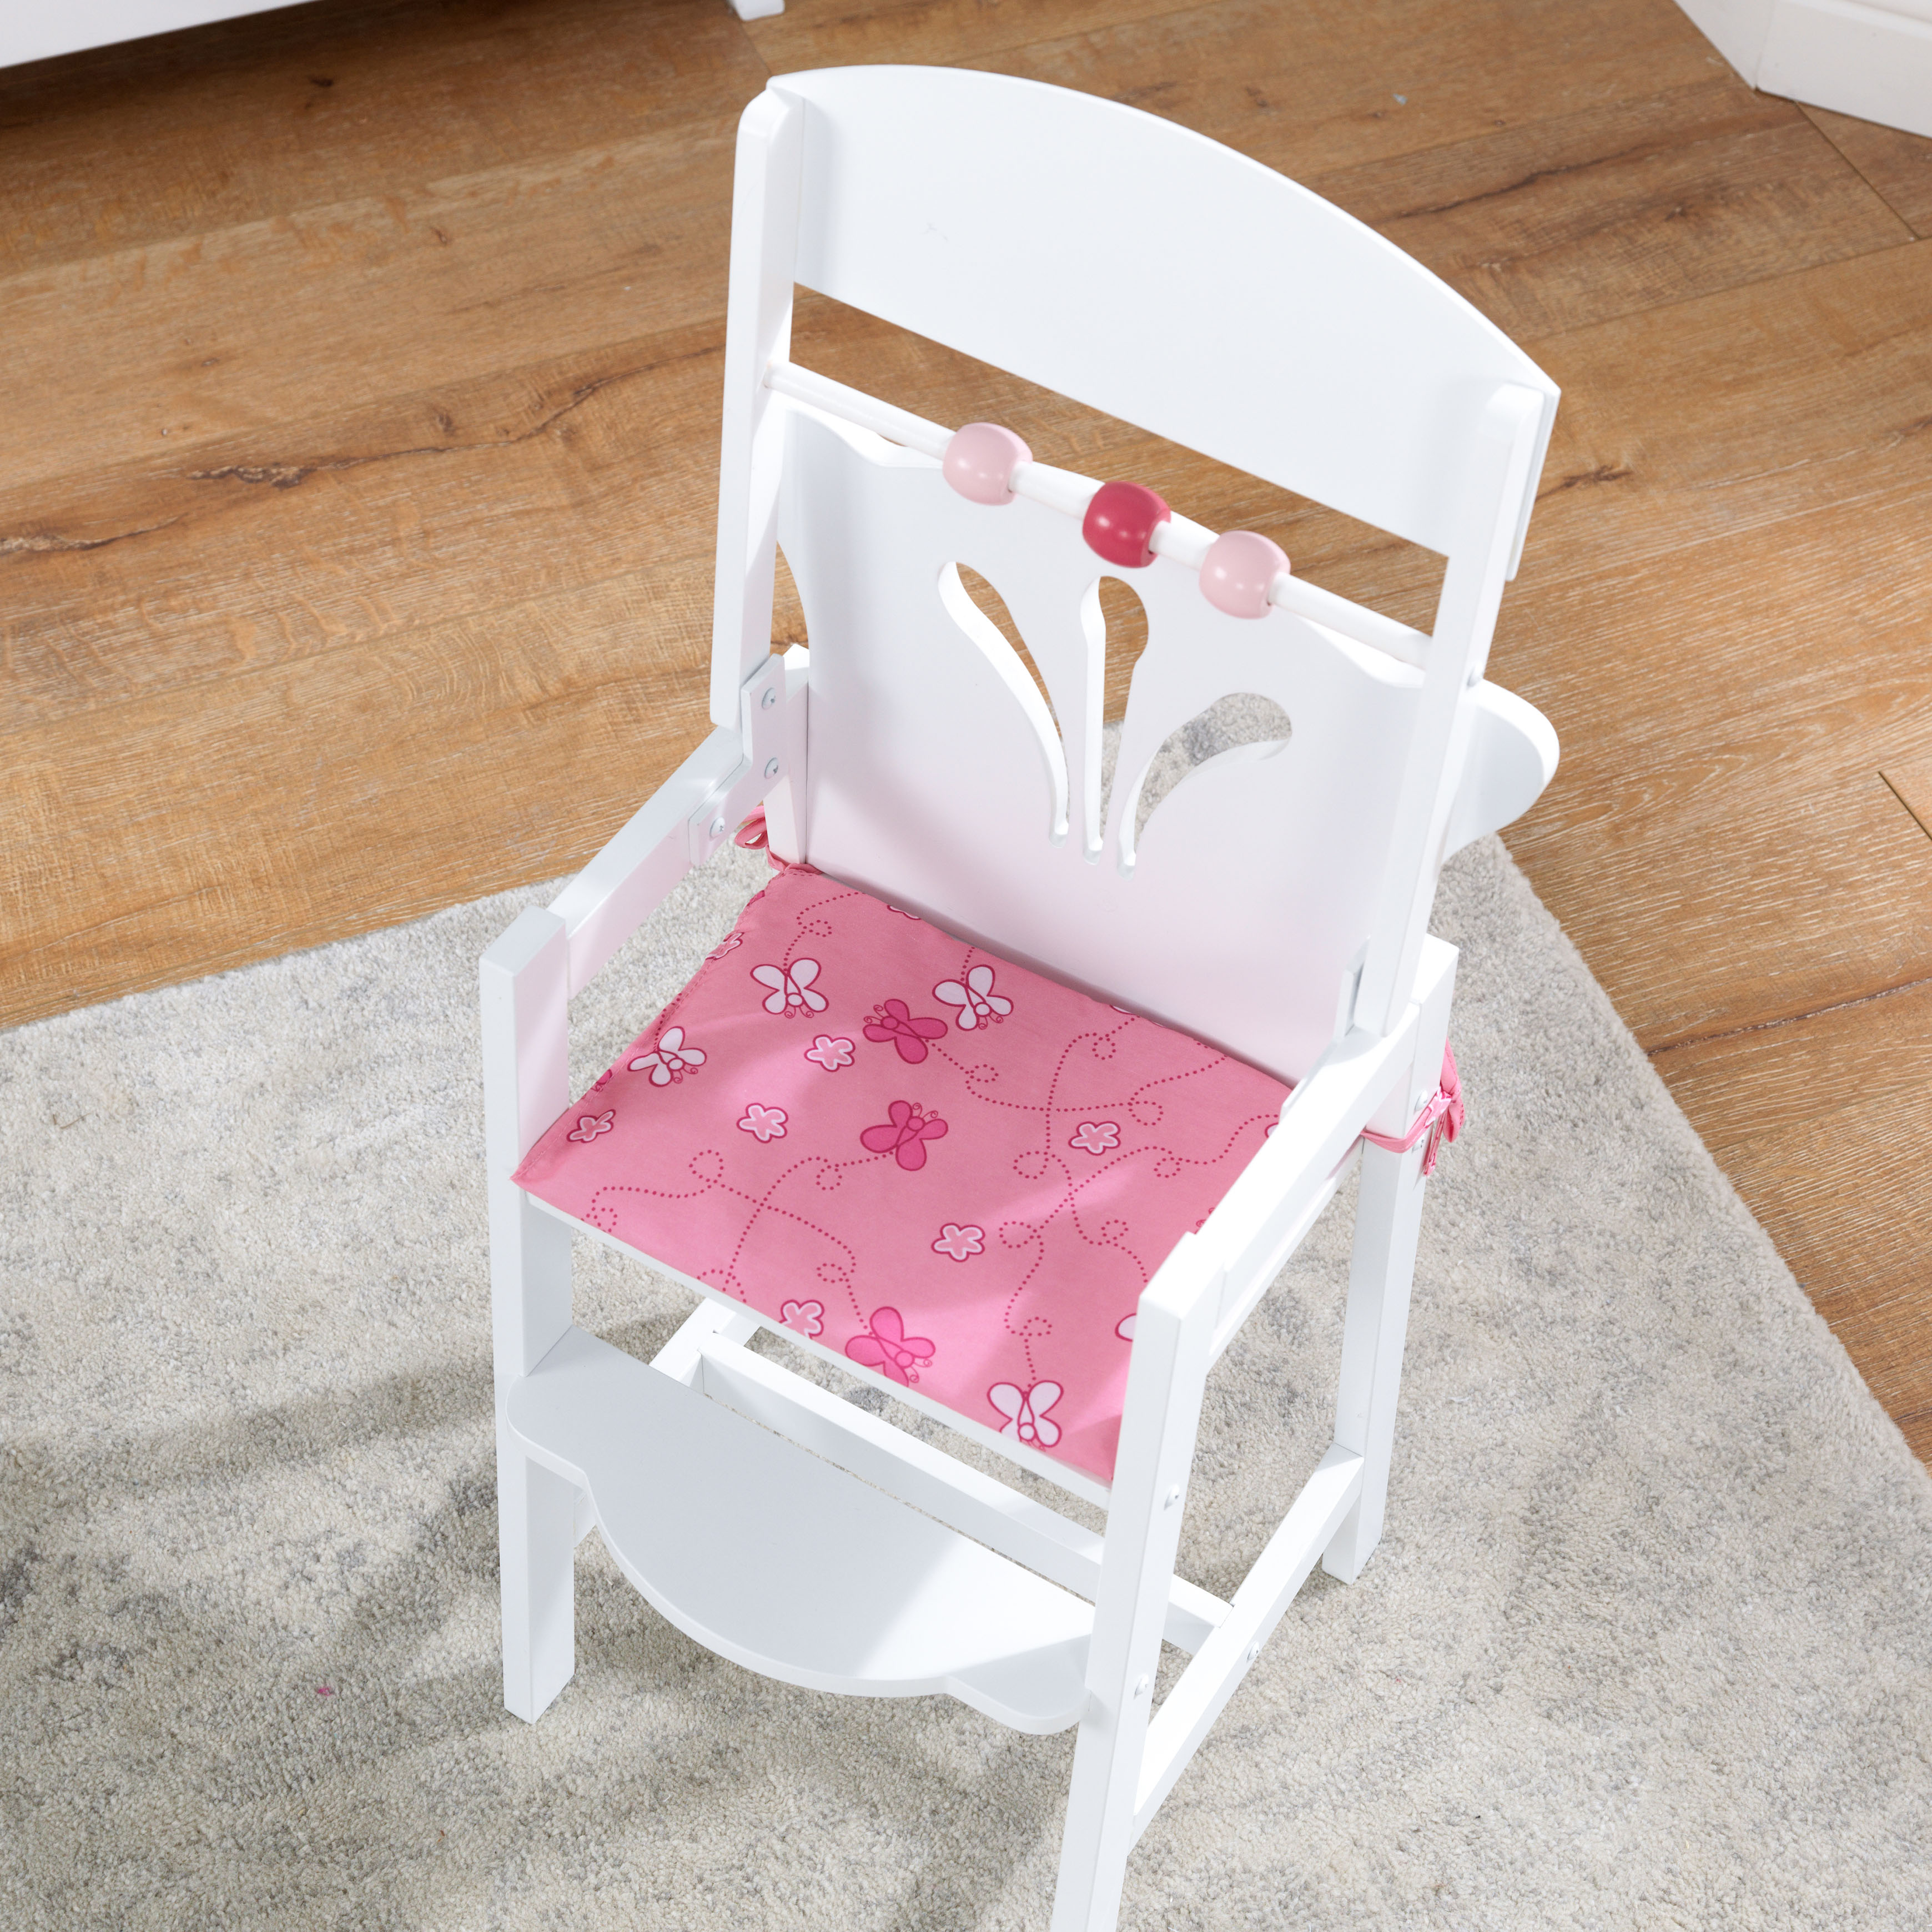 Remarkable Kidkraft Lil Doll High Chair Walmart Com Spiritservingveterans Wood Chair Design Ideas Spiritservingveteransorg